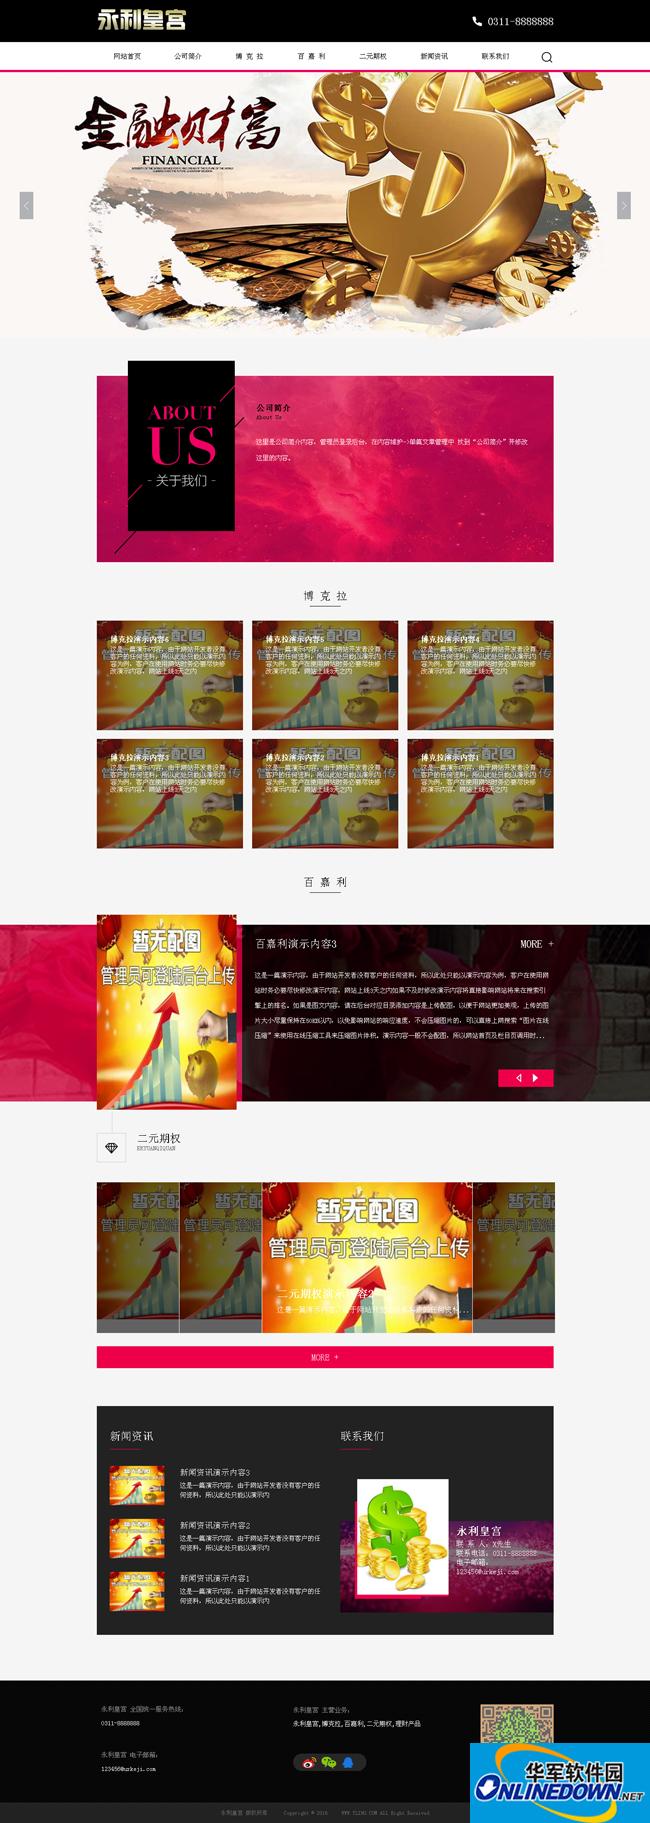 二元期权理财产品宣传网站免费源码 PC版